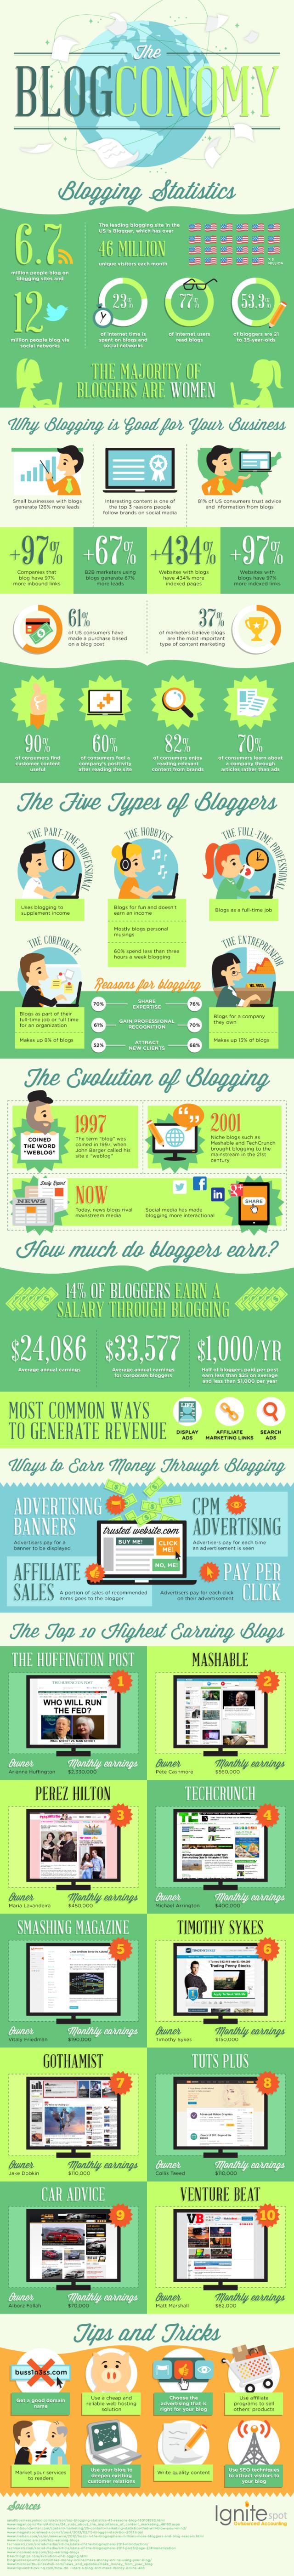 infographic-blog-economy